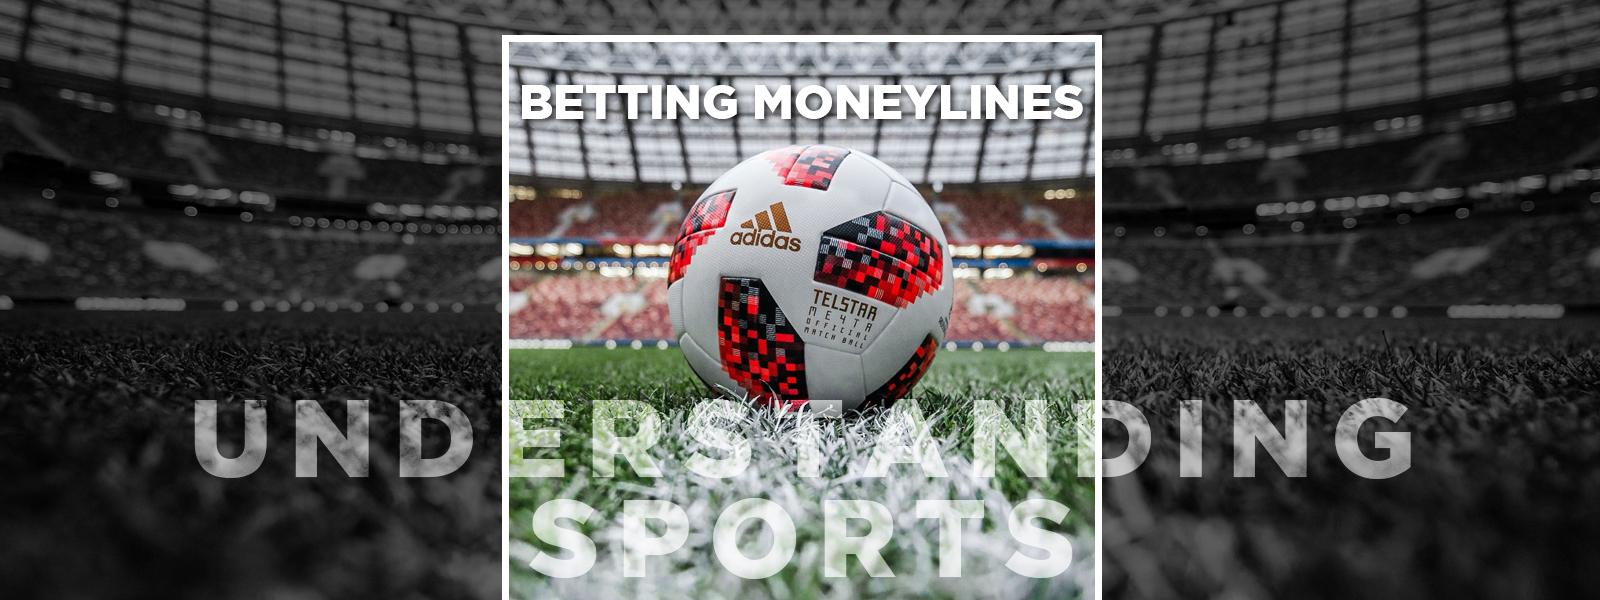 Understanding Sports Betting Moneyline